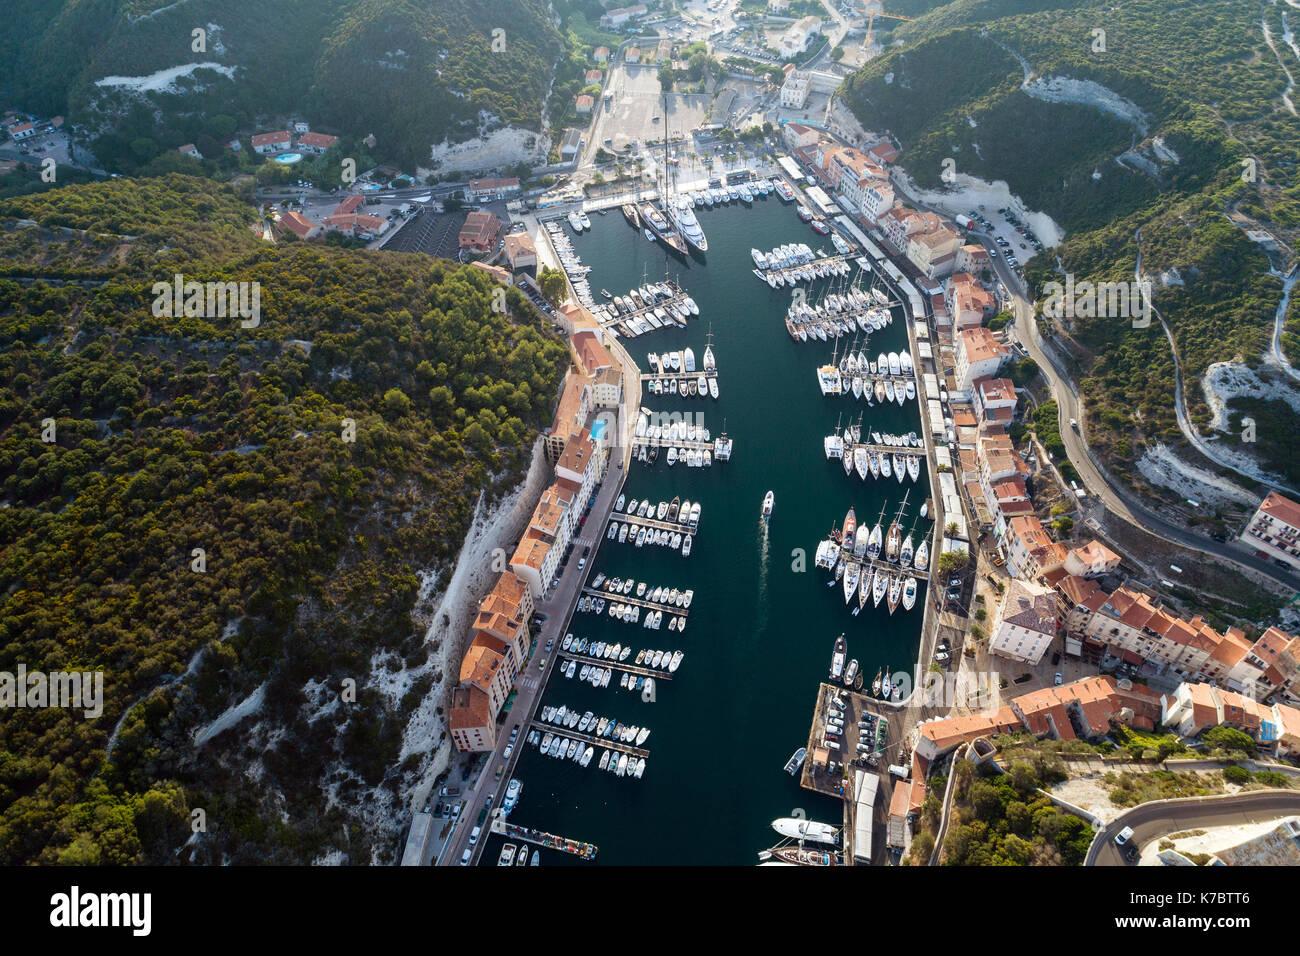 Luftaufnahme von Booten und Yachten in der Marina von Bonifacio, Korsika, Frankreich Stockbild